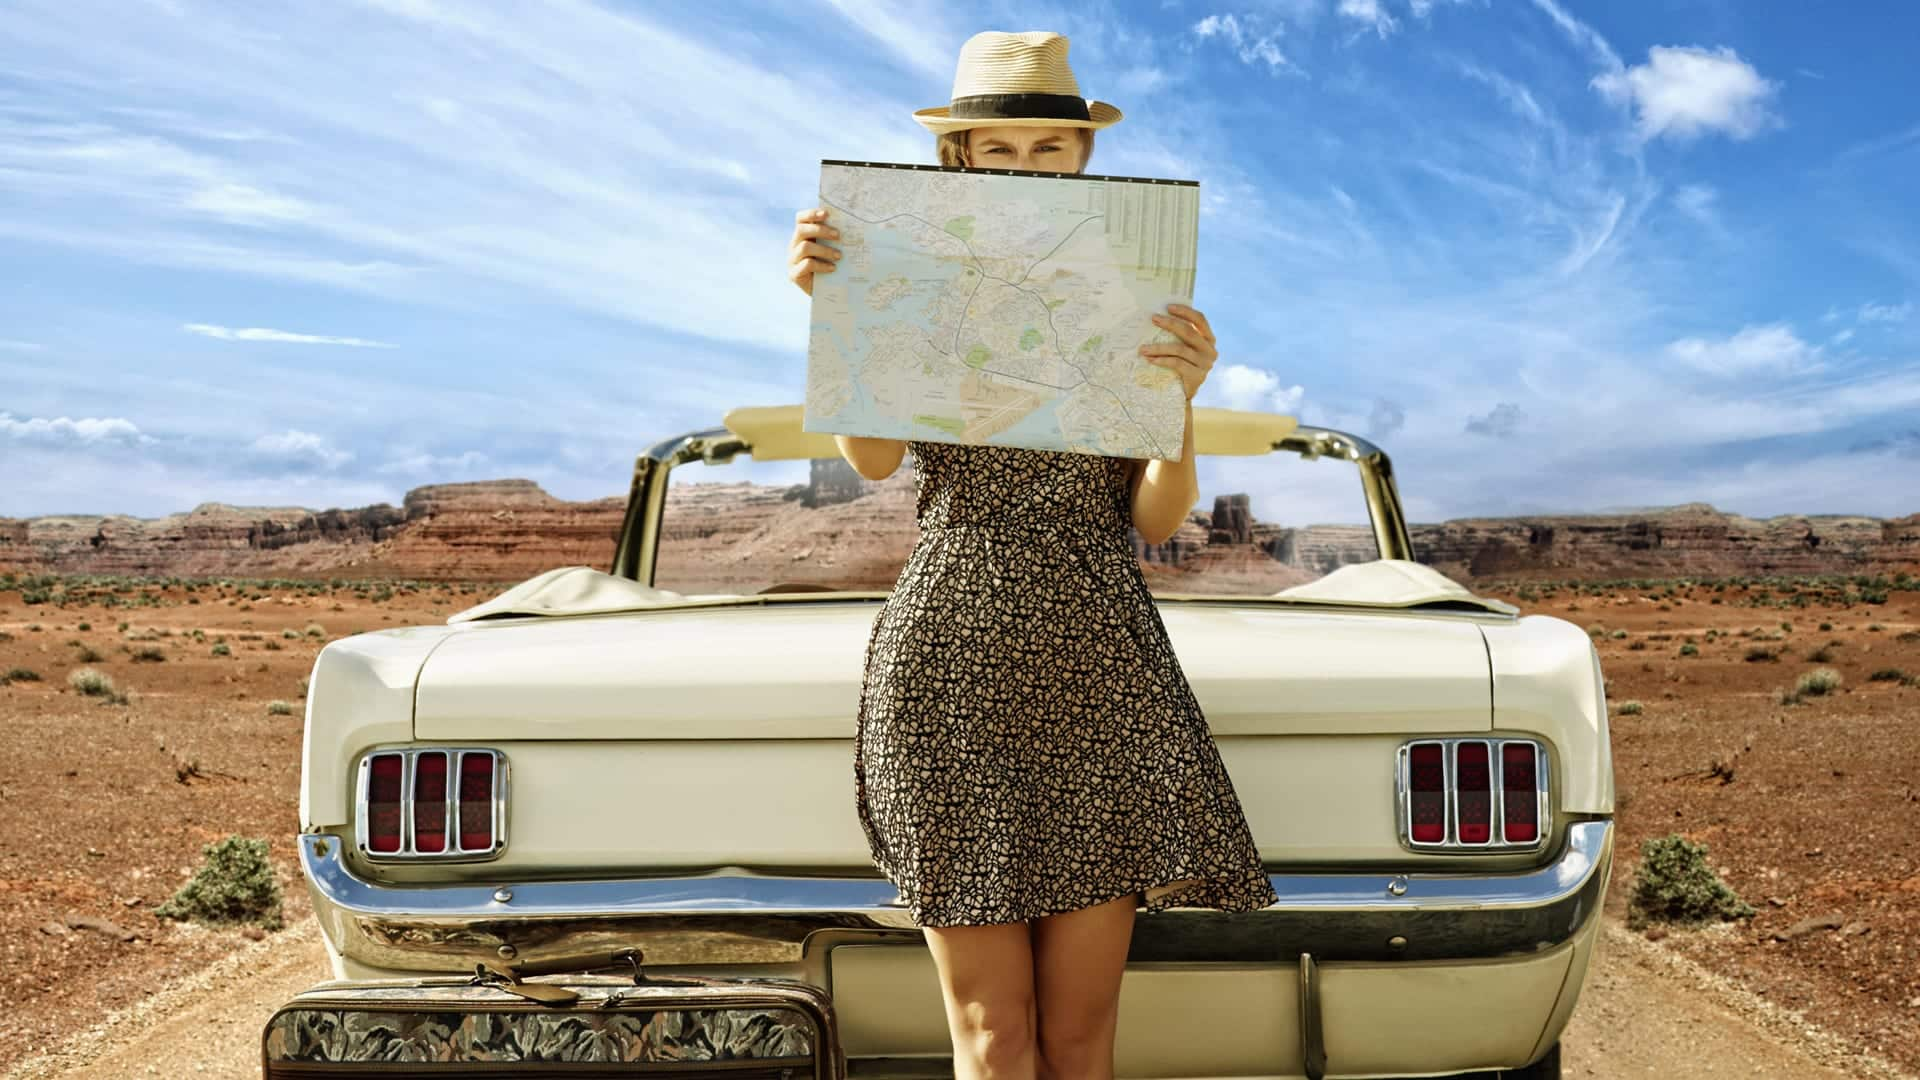 Viajar sozinha é seguro? - Dicas e motivos para colocar o pé na estrada